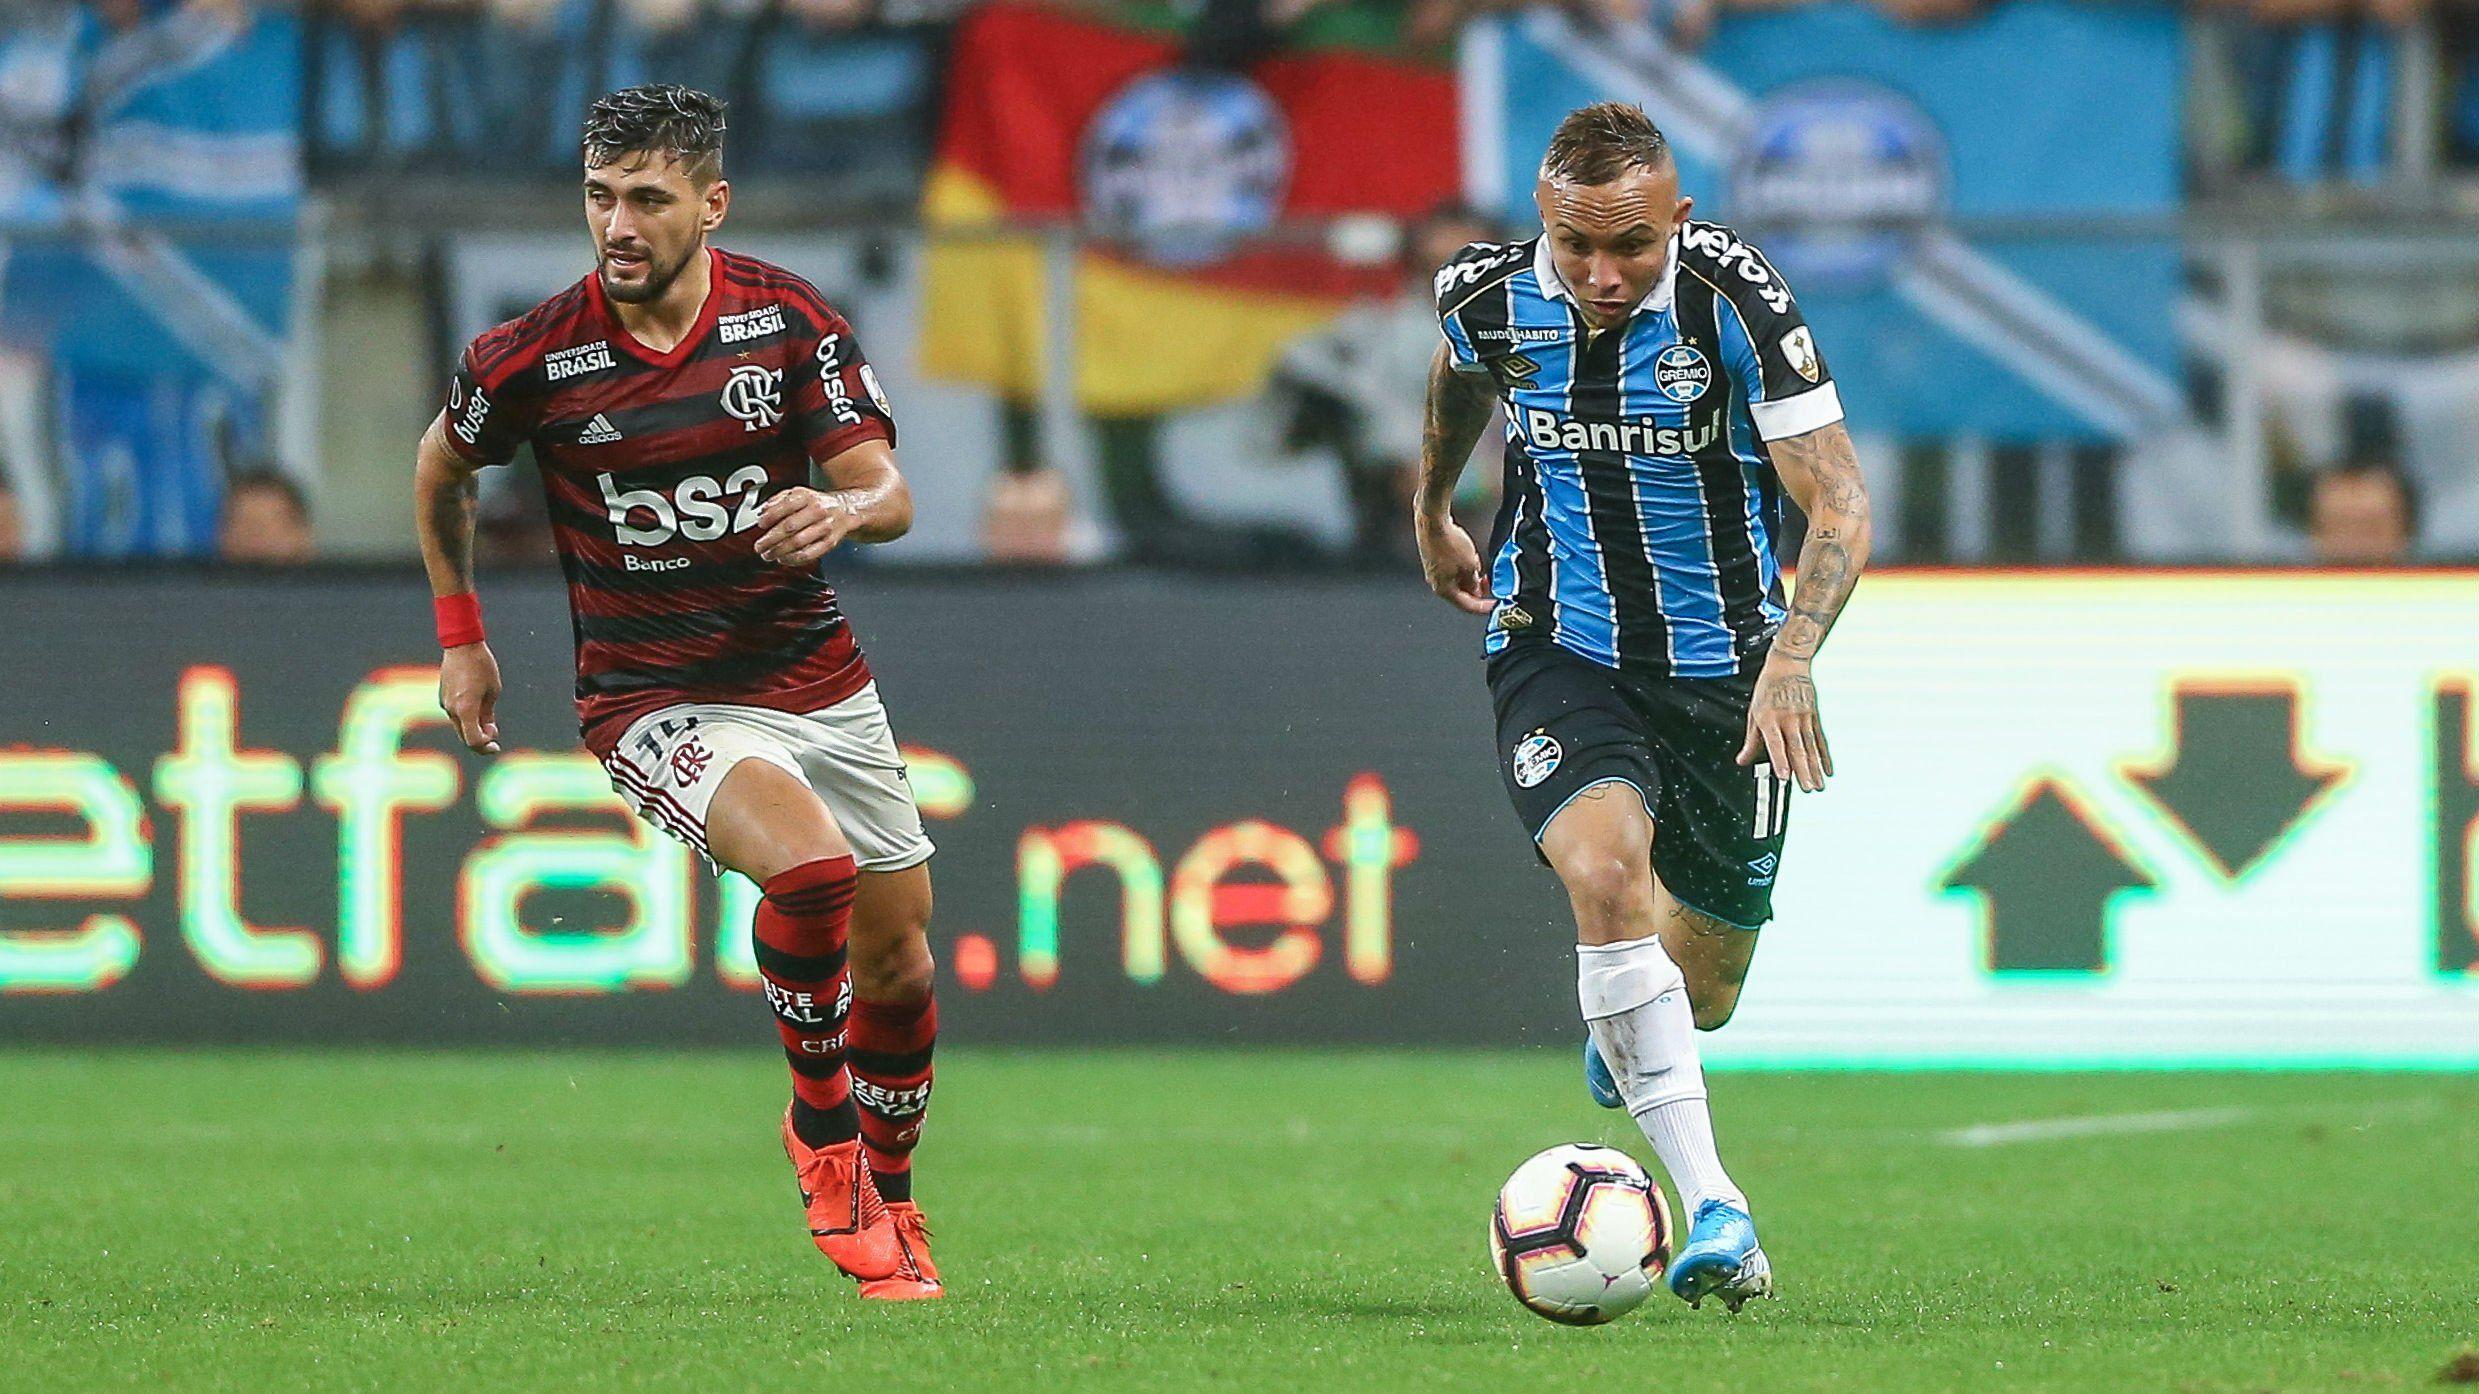 Flamengo vs. Gremio por la semifinal de la Copa Libertadores: horario, formaciones y TV